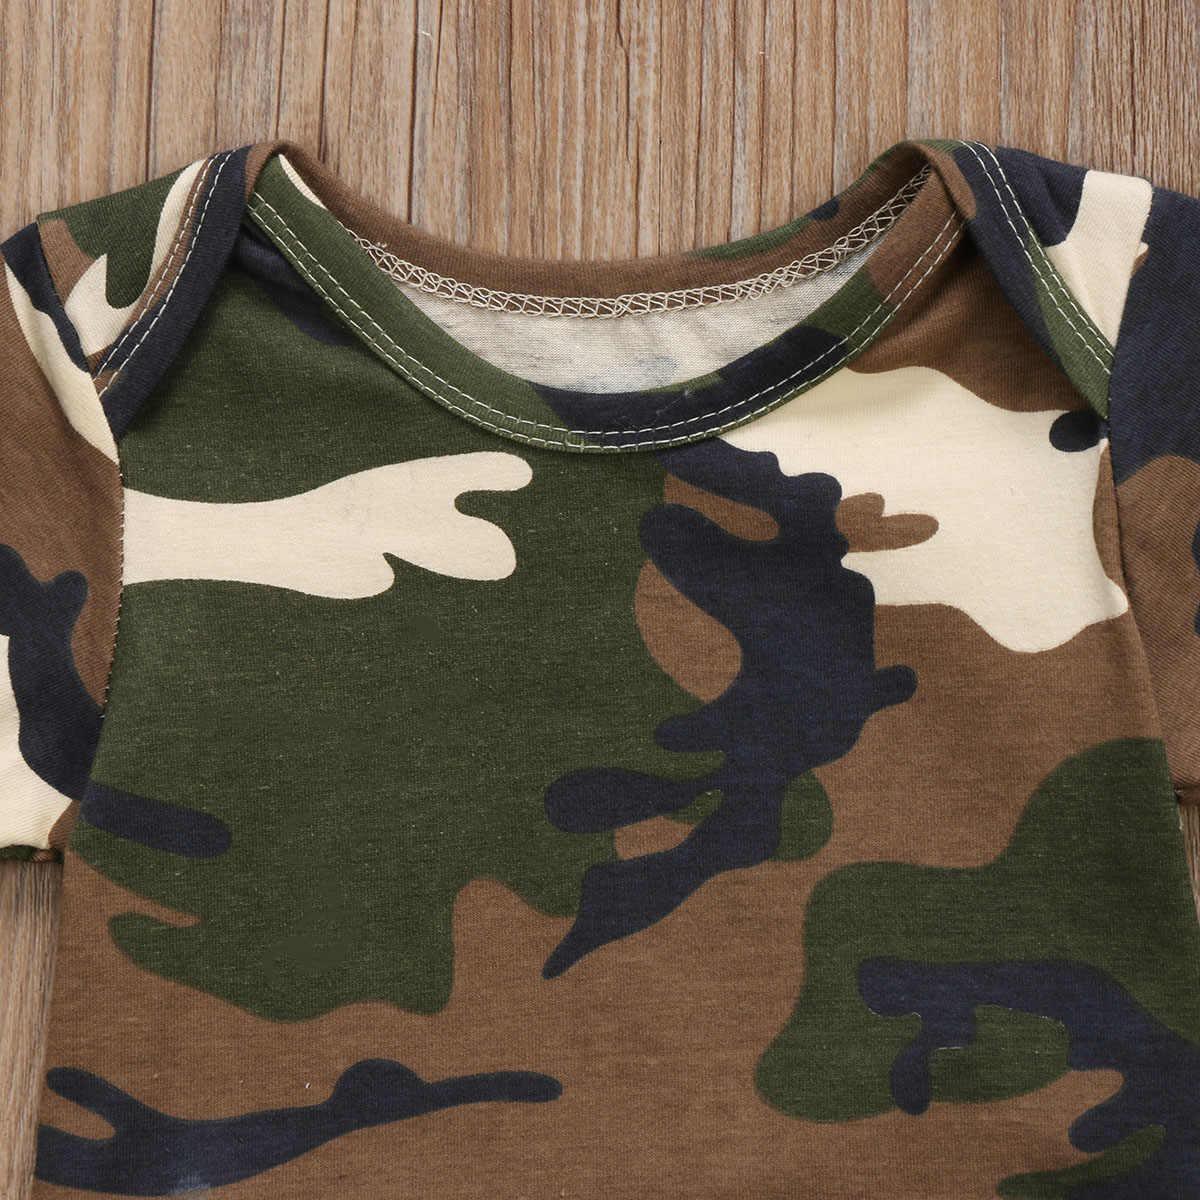 Для новорожденных; Комбинезон для маленьких мальчиков и девочек милые детские Армейский зеленый камуфляжный комбинезон Повседневное короткий рукав детская одежда